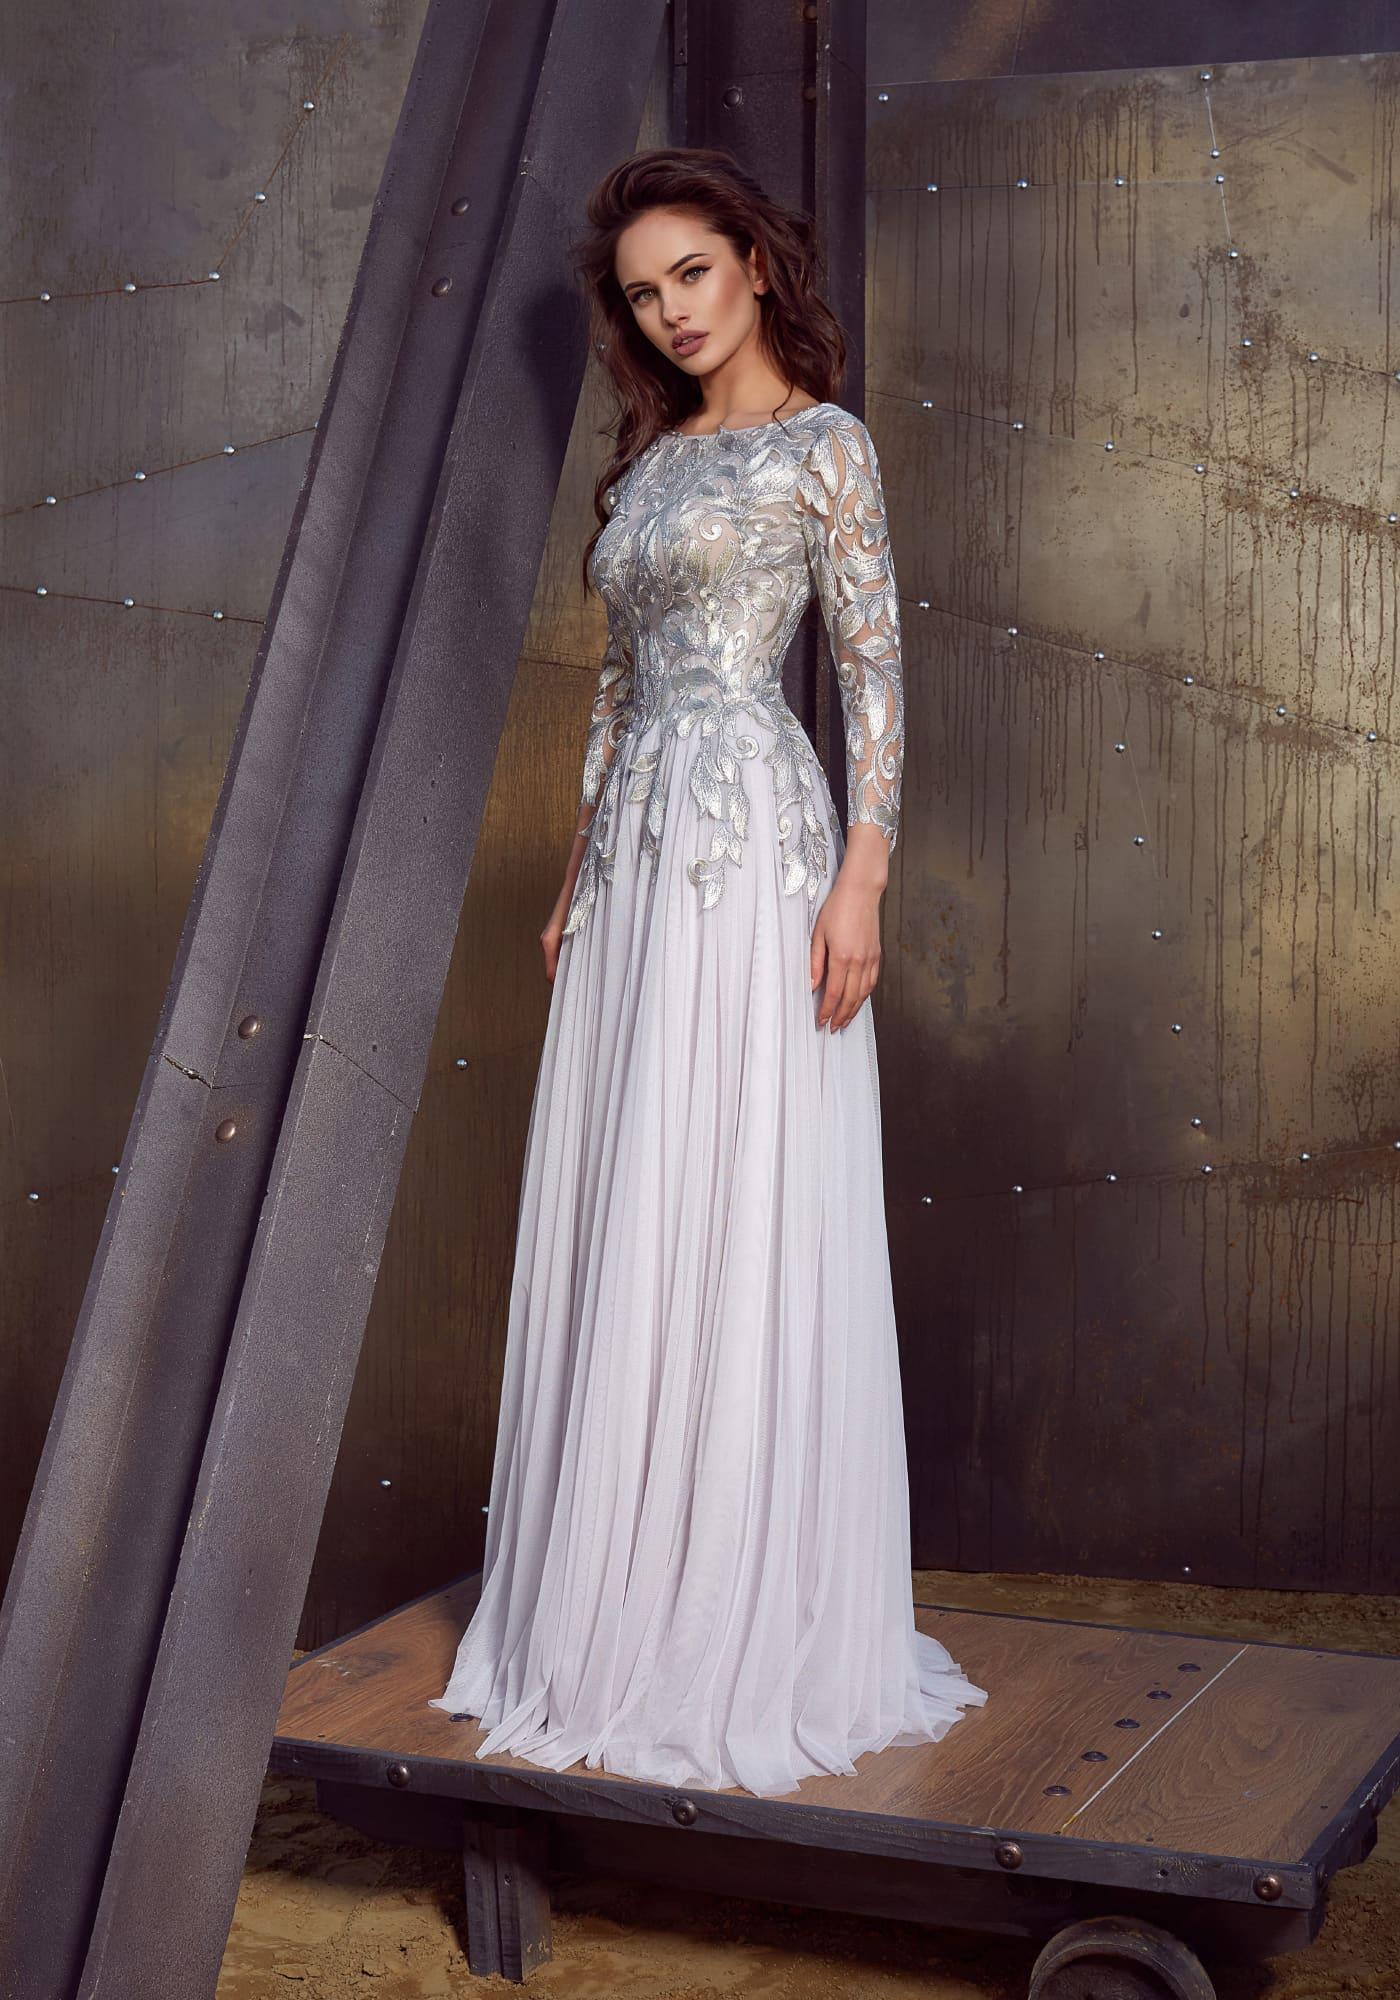 03961f9fed5 Прямое вечернее платье белого цвета с длинным облегающим рукавом и  серебристой отделкой.